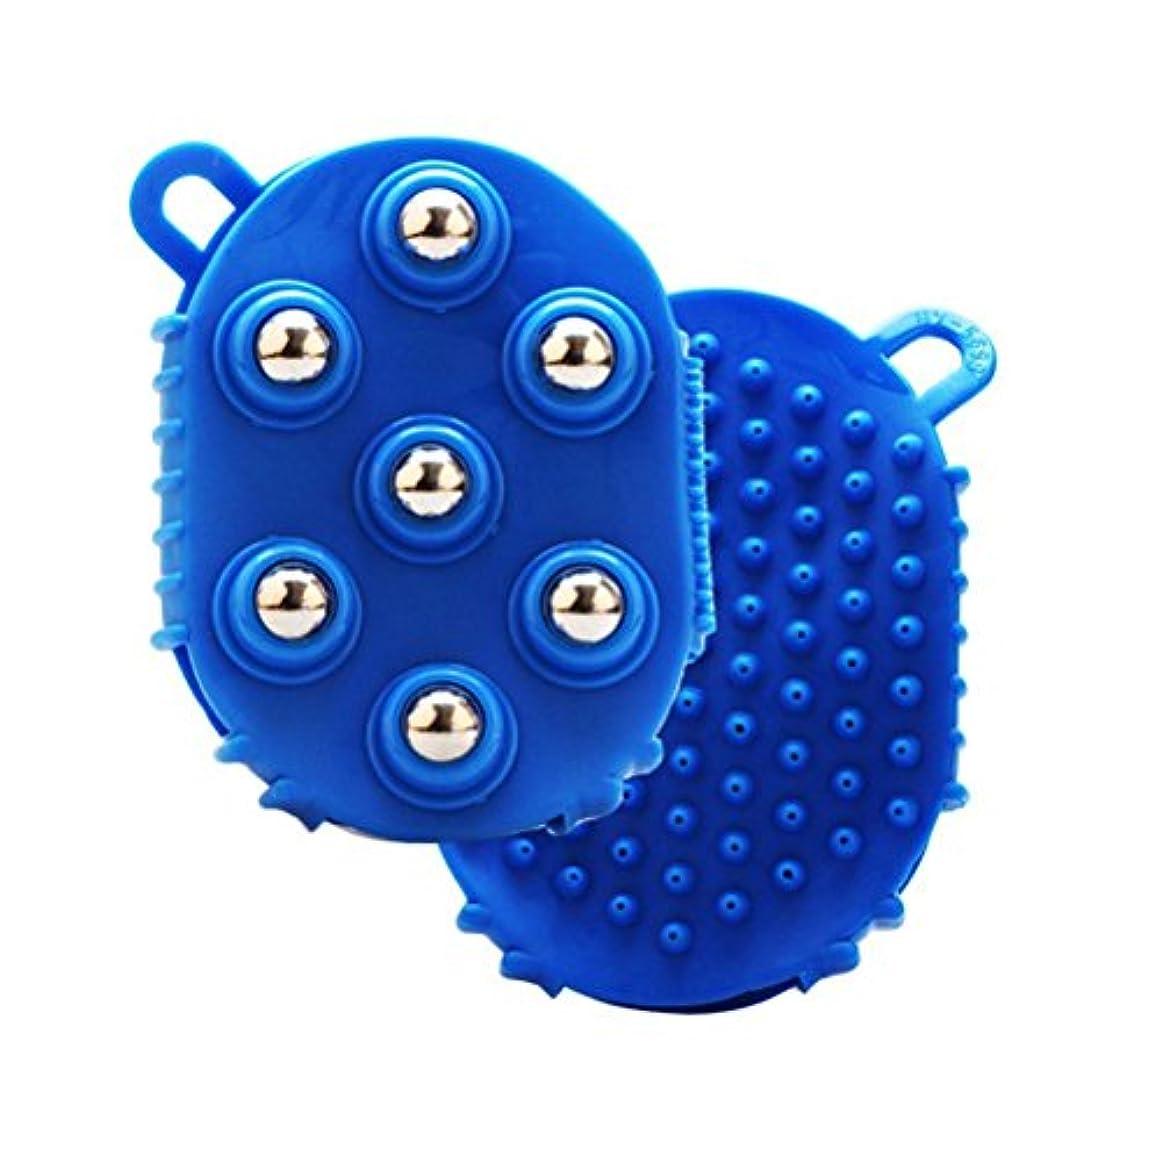 ではごきげんよう植生電話に出るULTNICE マッサージブラシ グローブバスブラシ 金属ローリングボール 痛みの筋肉の痛みを軽減する(青)